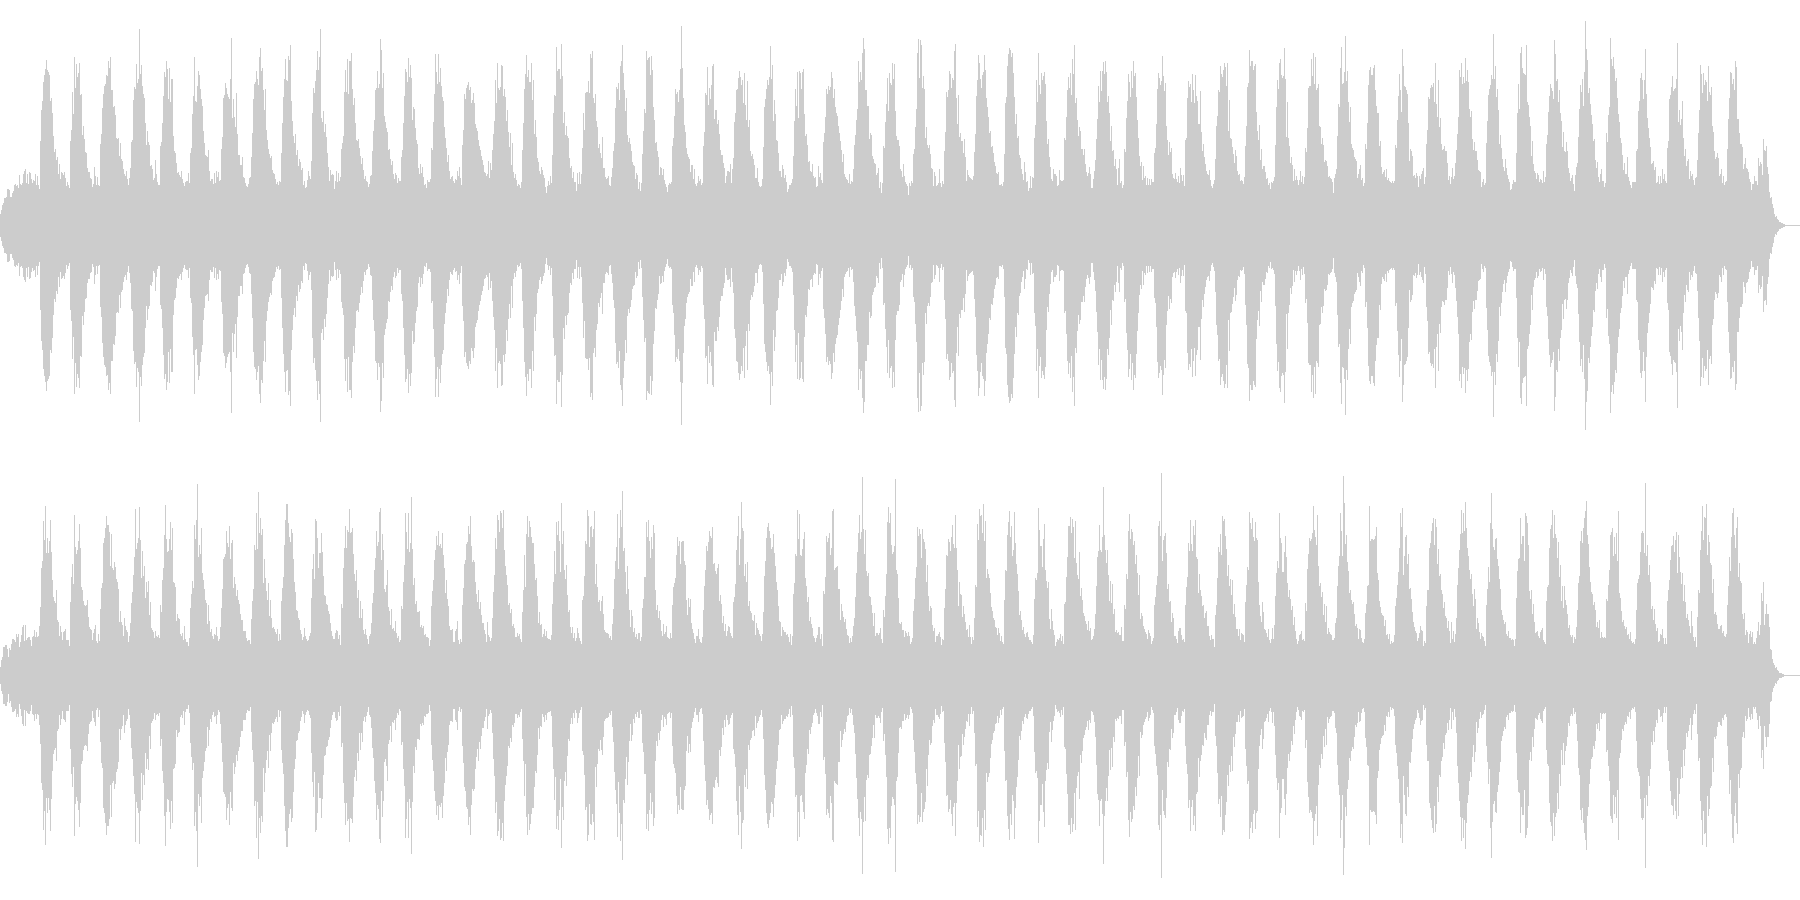 ヒーリング/リラクゼーションBGMの未再生の波形